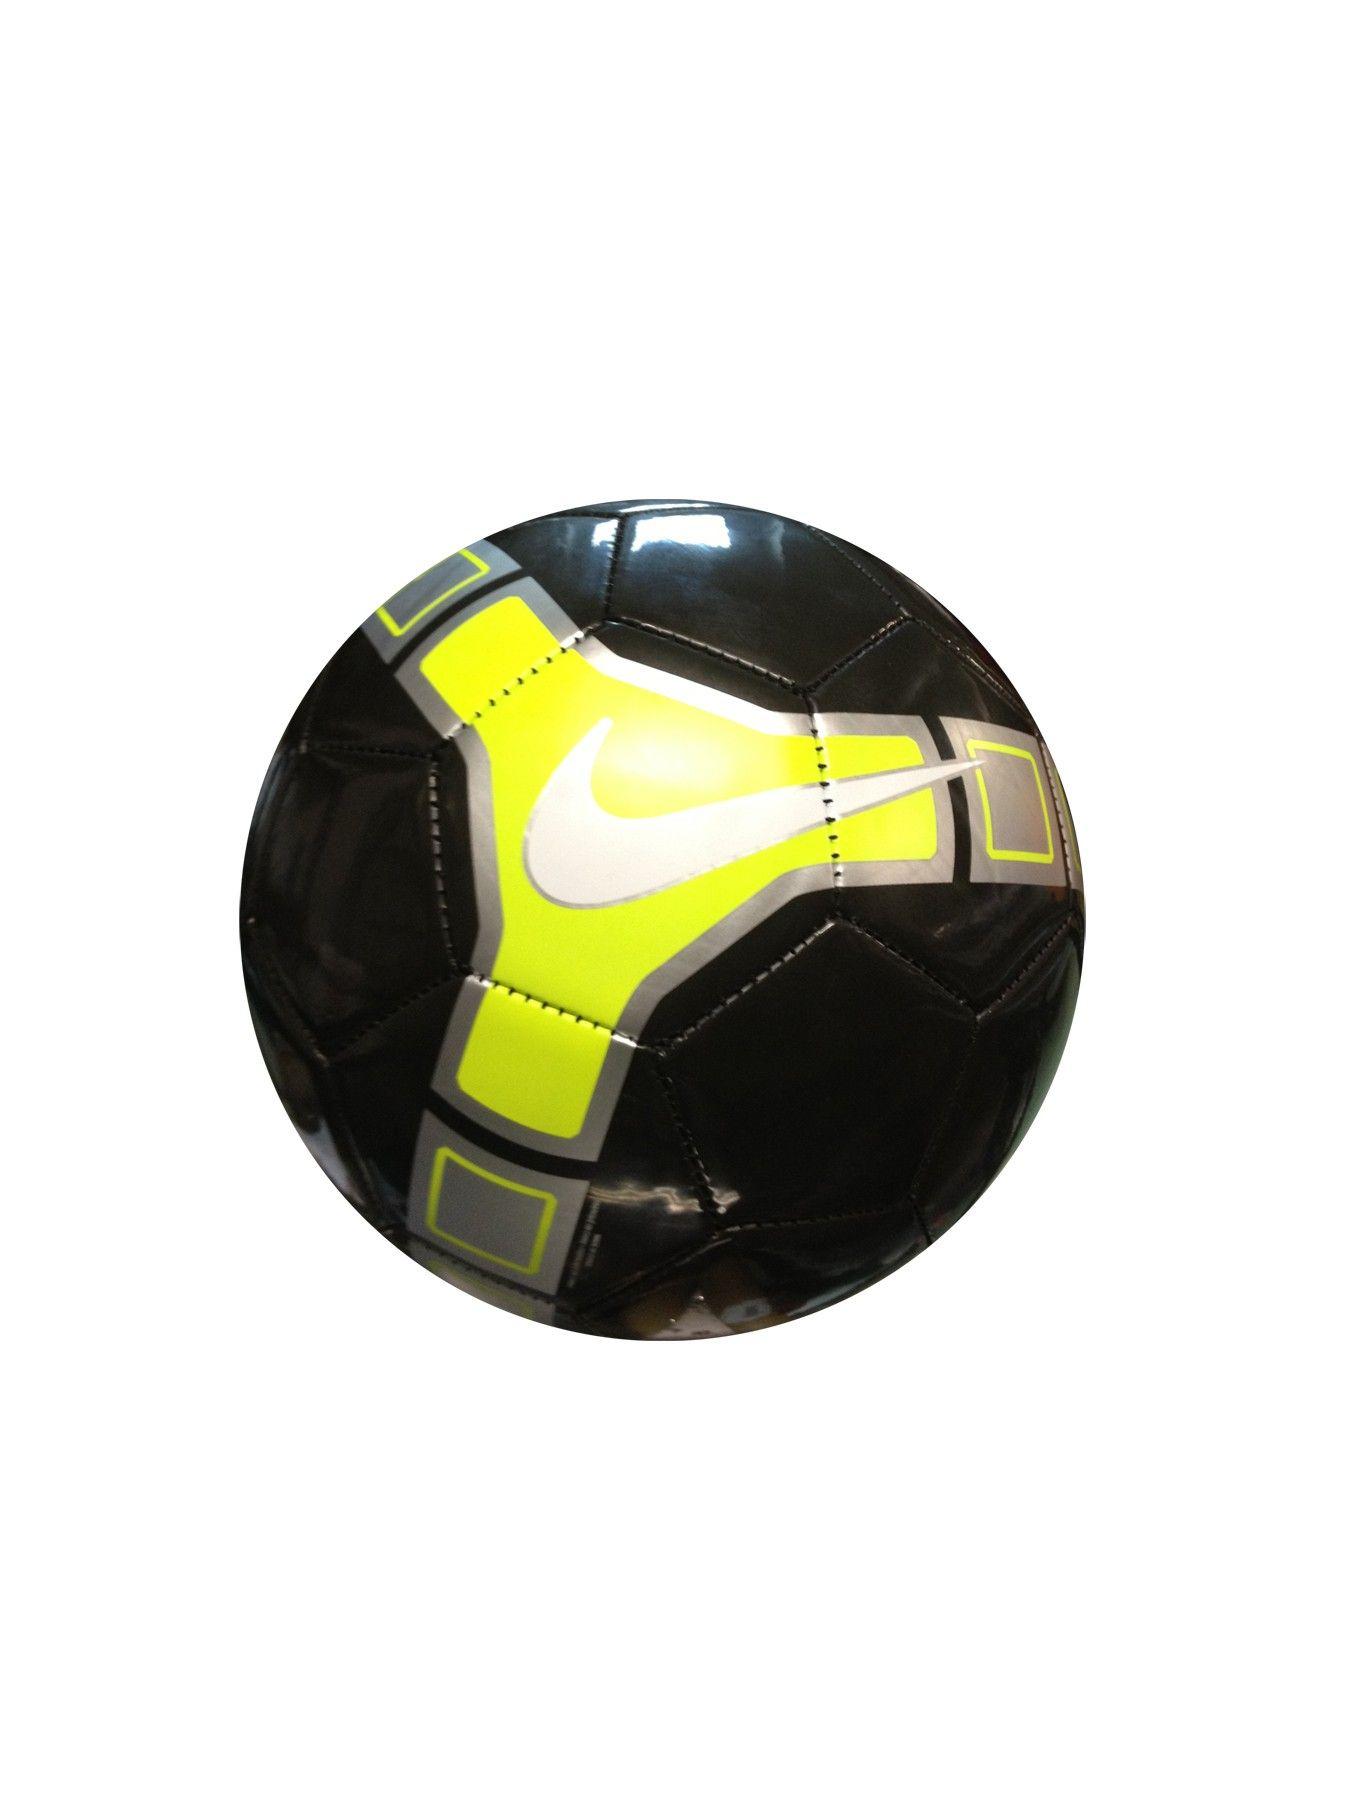 NIKE- BALON FUTBOL SC9215-071 - Fútbol - Balones  515fc71adaf25